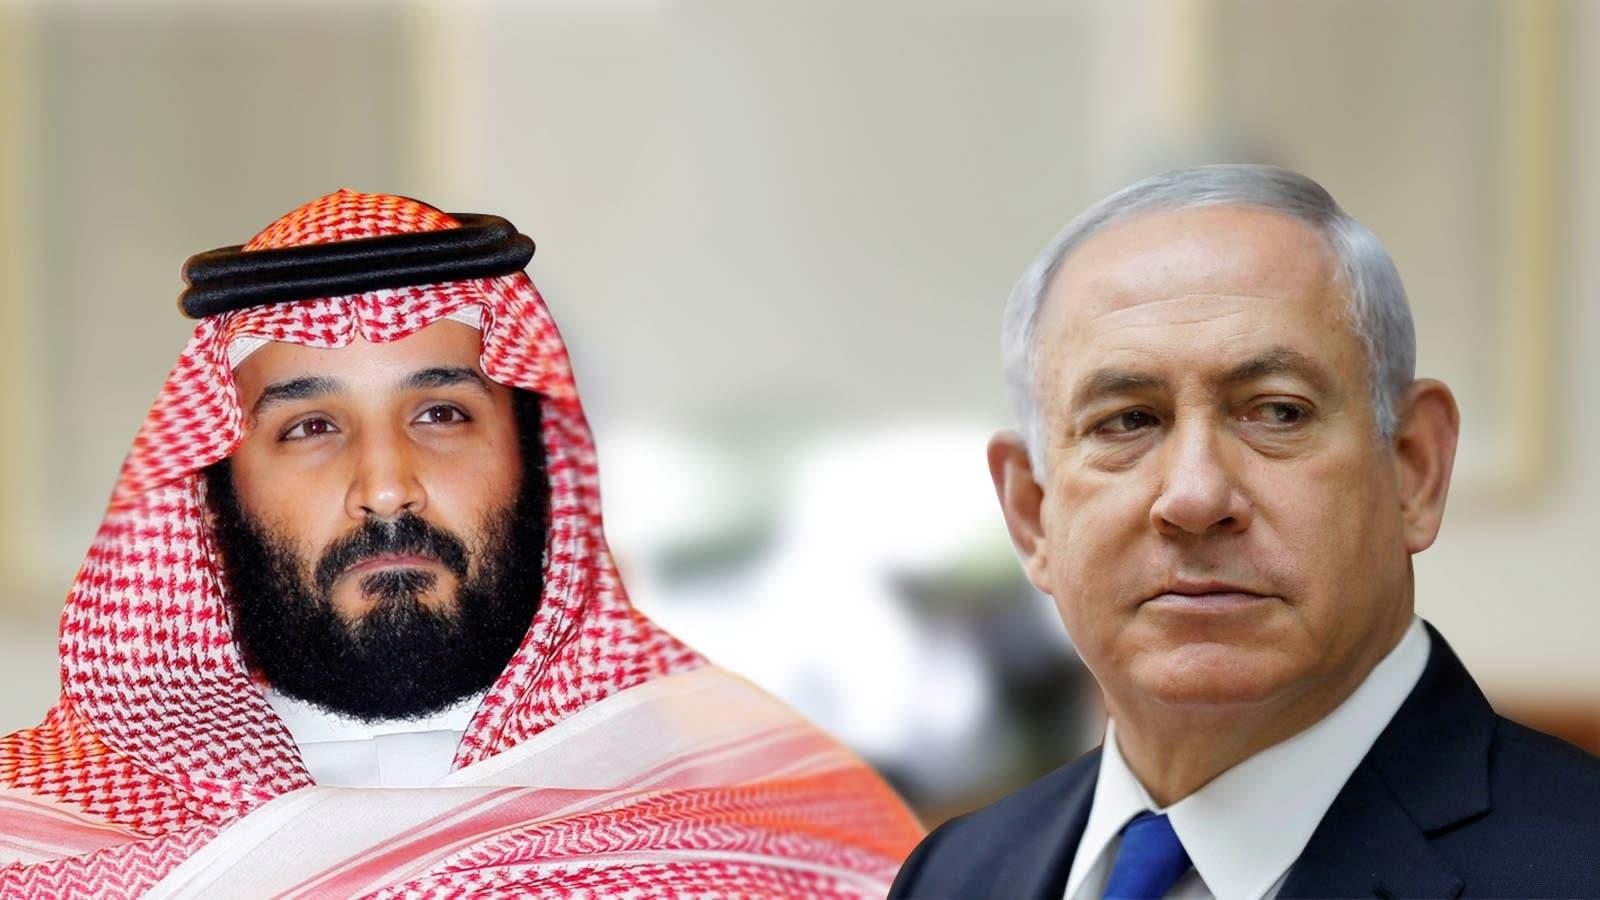 Saudi Arabia oo shaacisey war ku saabsan qorshaha caadiyeynta xiriirka Israel